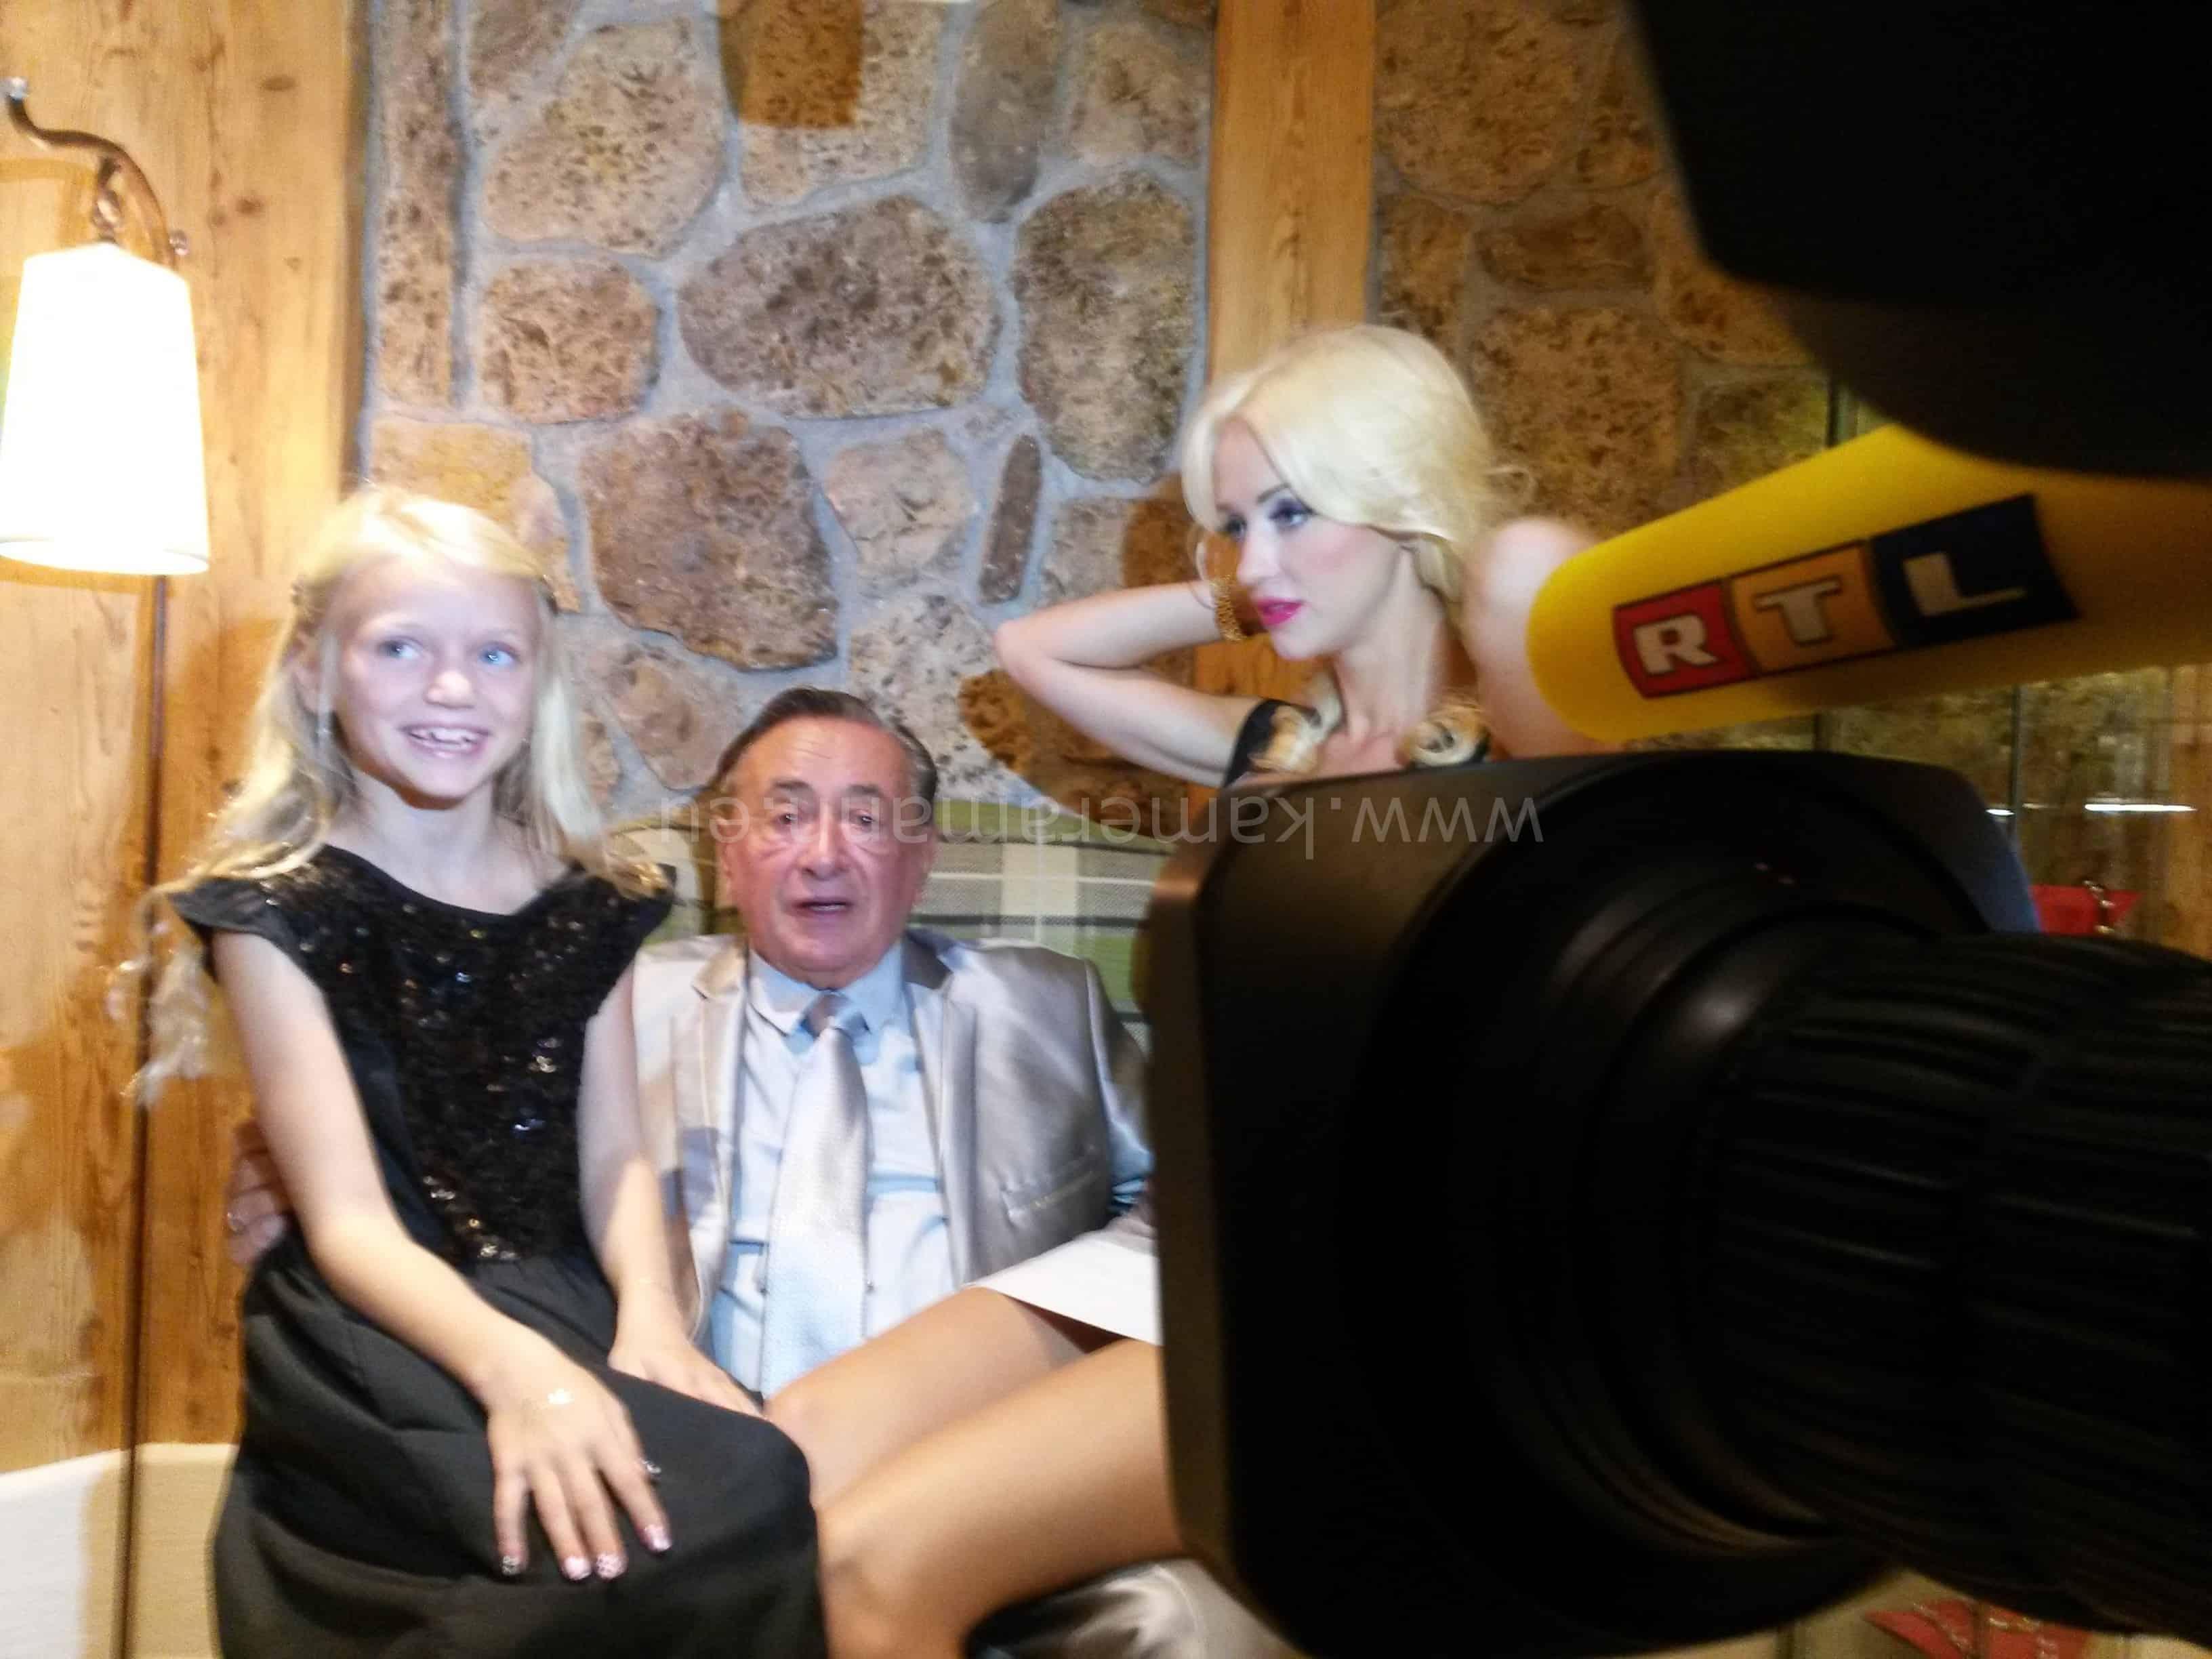 wpid 20150919 102237 e1442781509659 - RTL -  Dreharbeiten mit Cathy und Richard Lugner